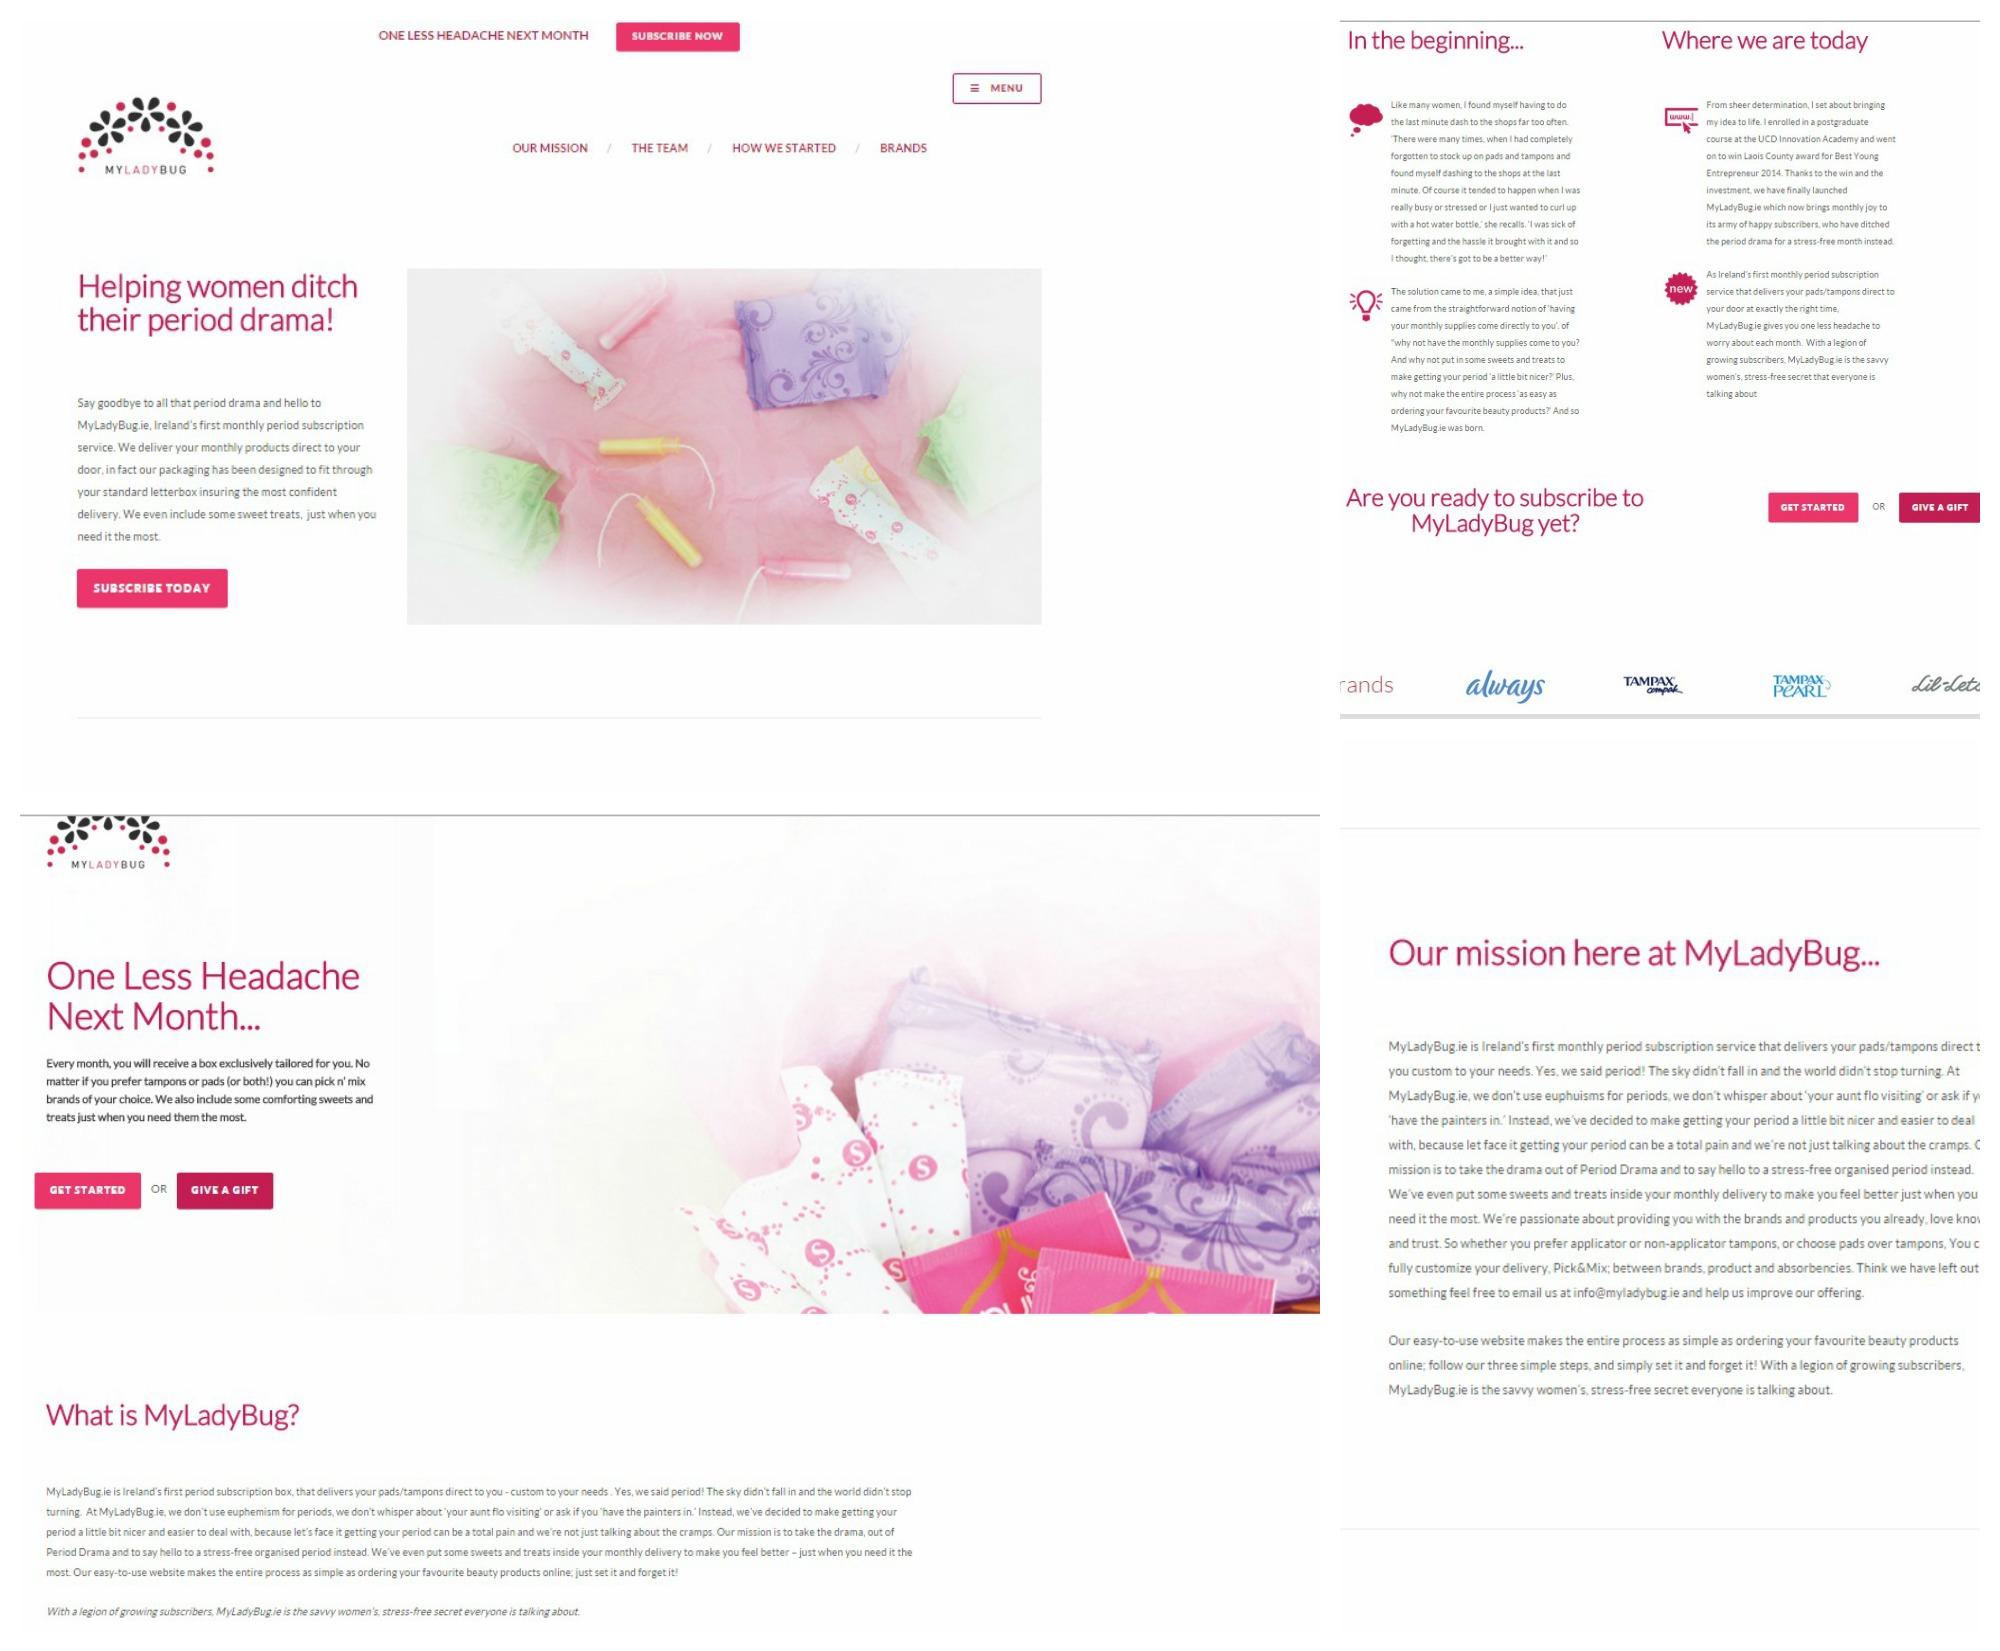 Myladybug.ie web copy